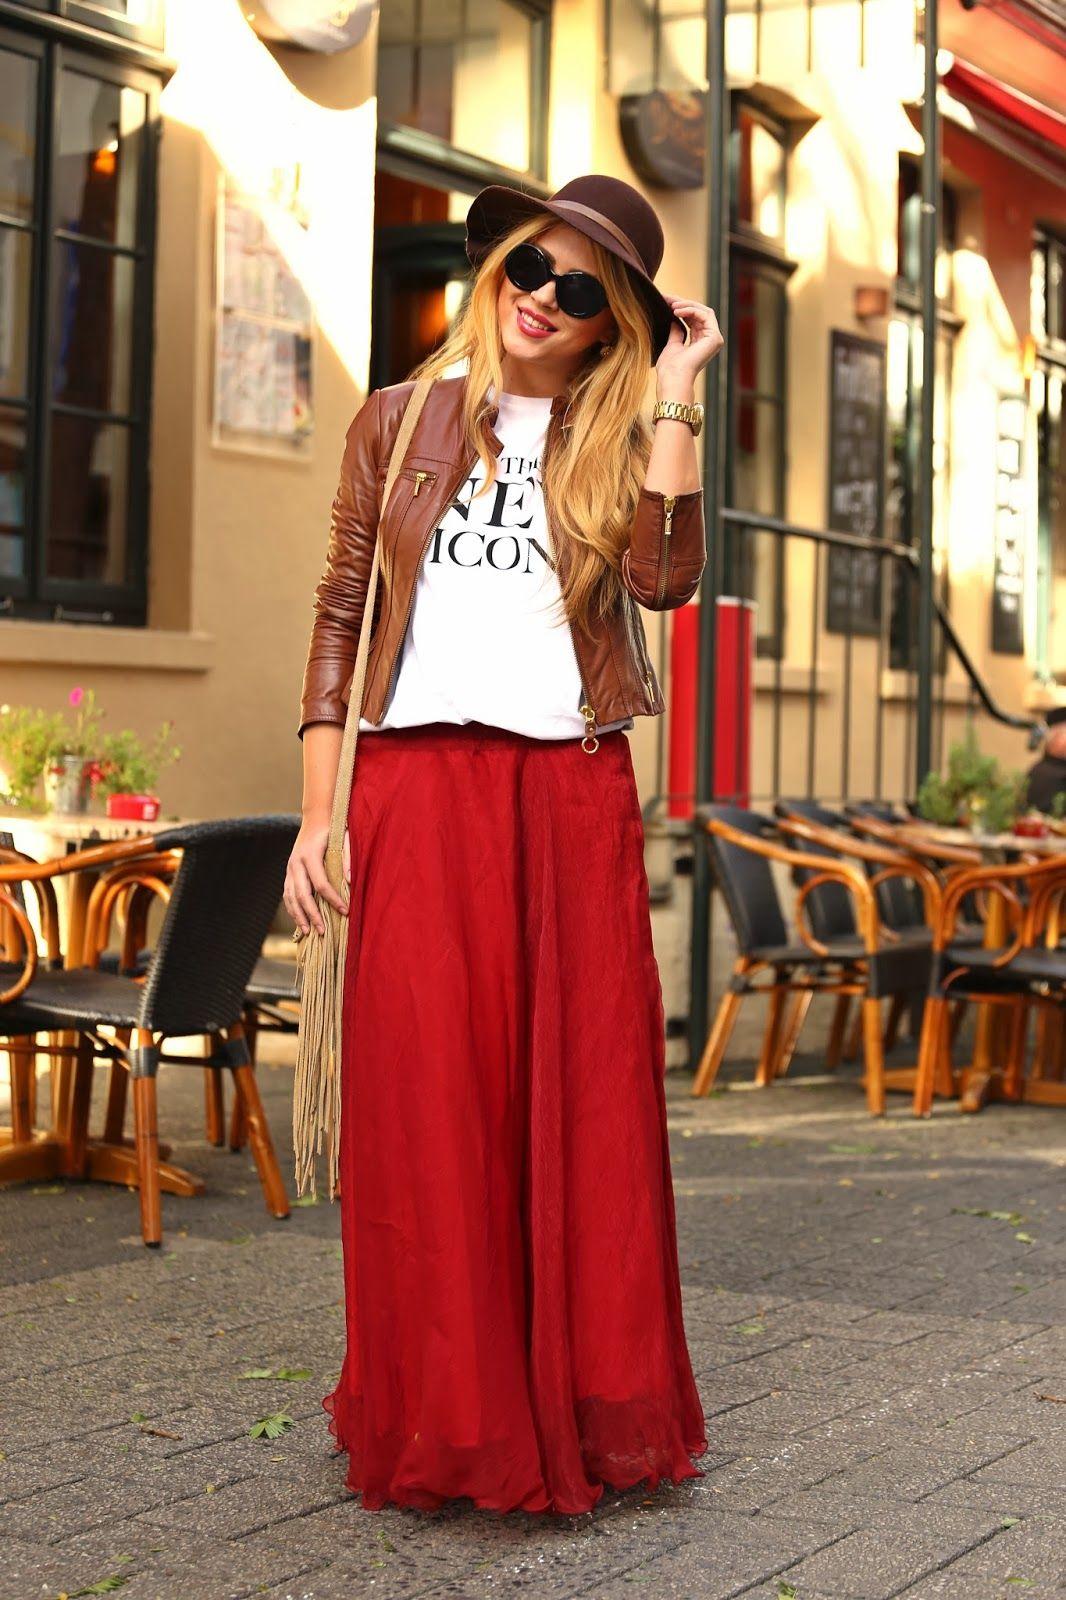 Jacket / basic shirt / maxi red skirt